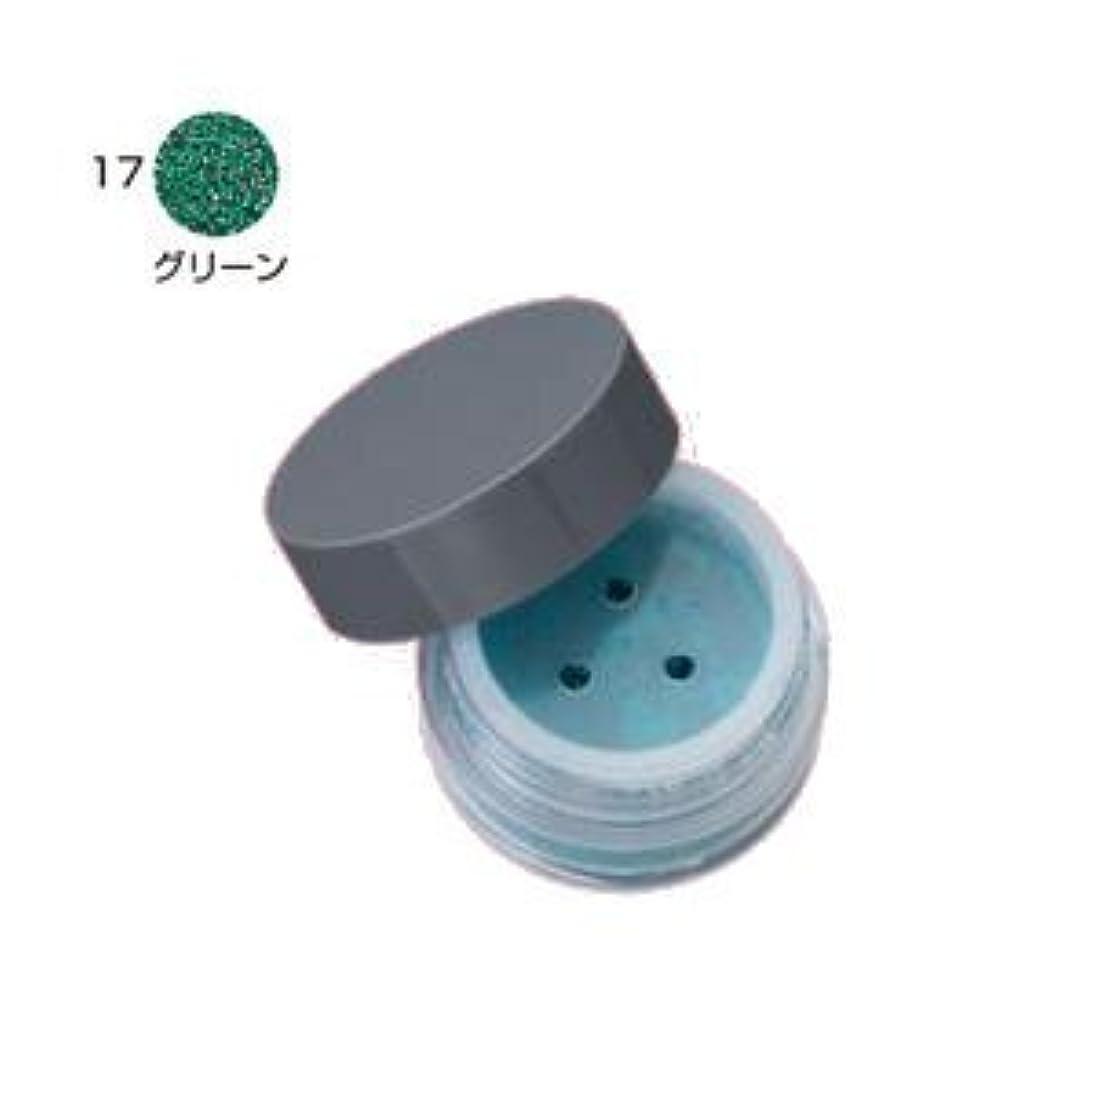 弱点イブニング歴史三善 ミツヨシ カラープリズム 17 グリーン